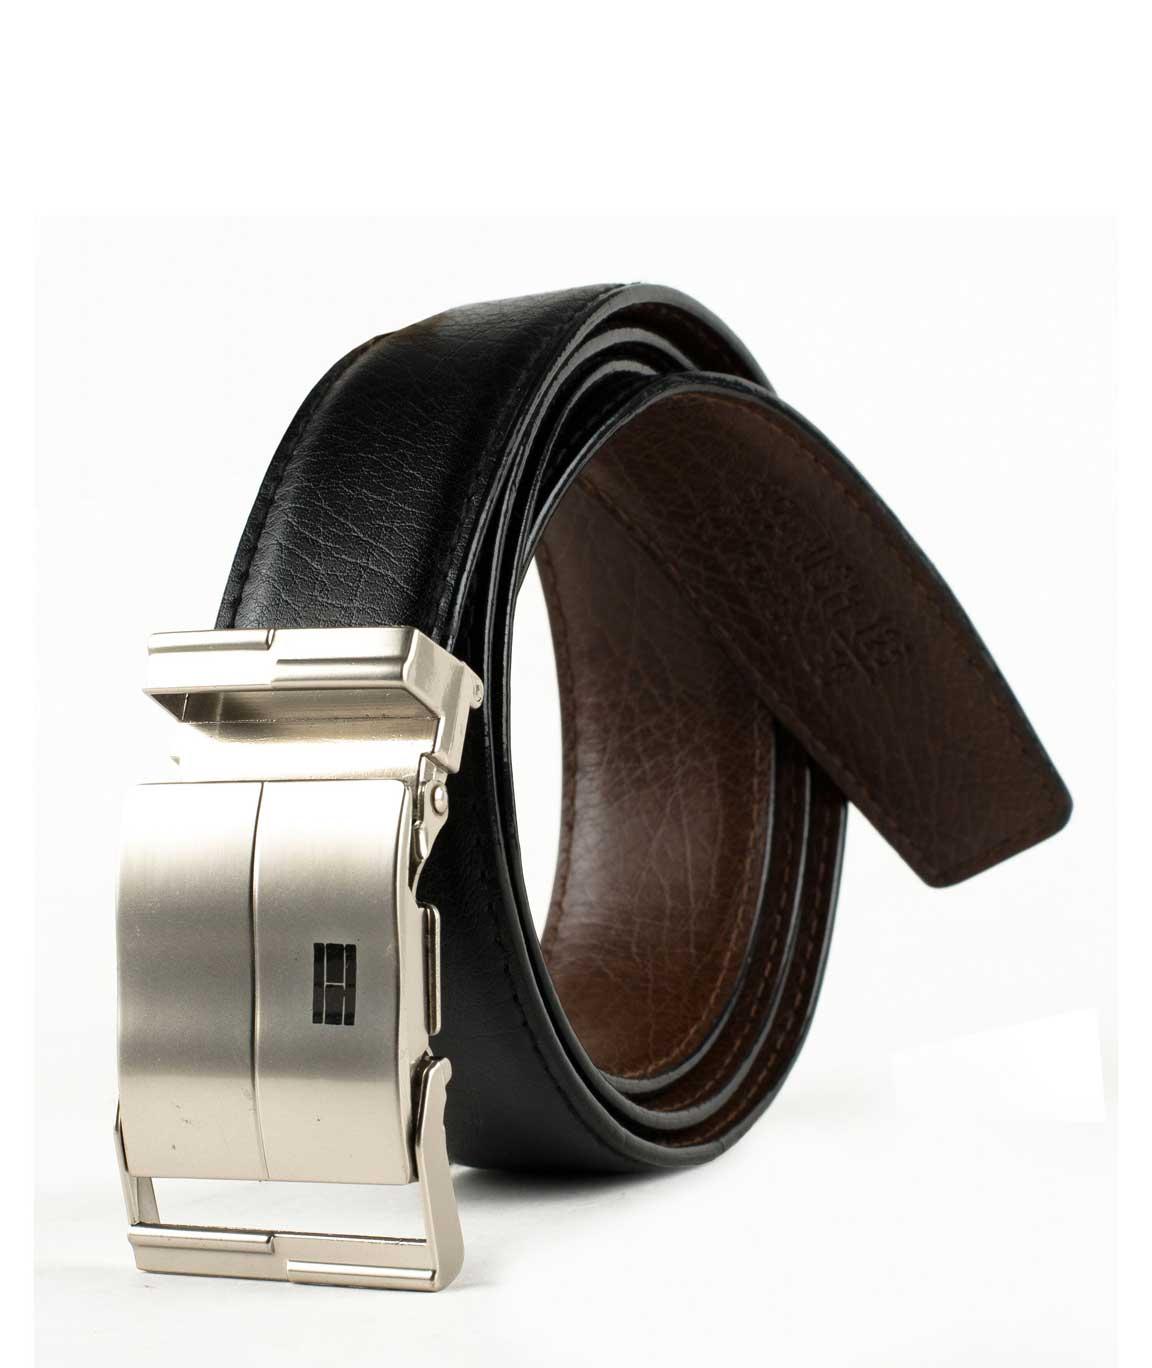 Winsome Deal Black Leather Formal Belt For Men`s